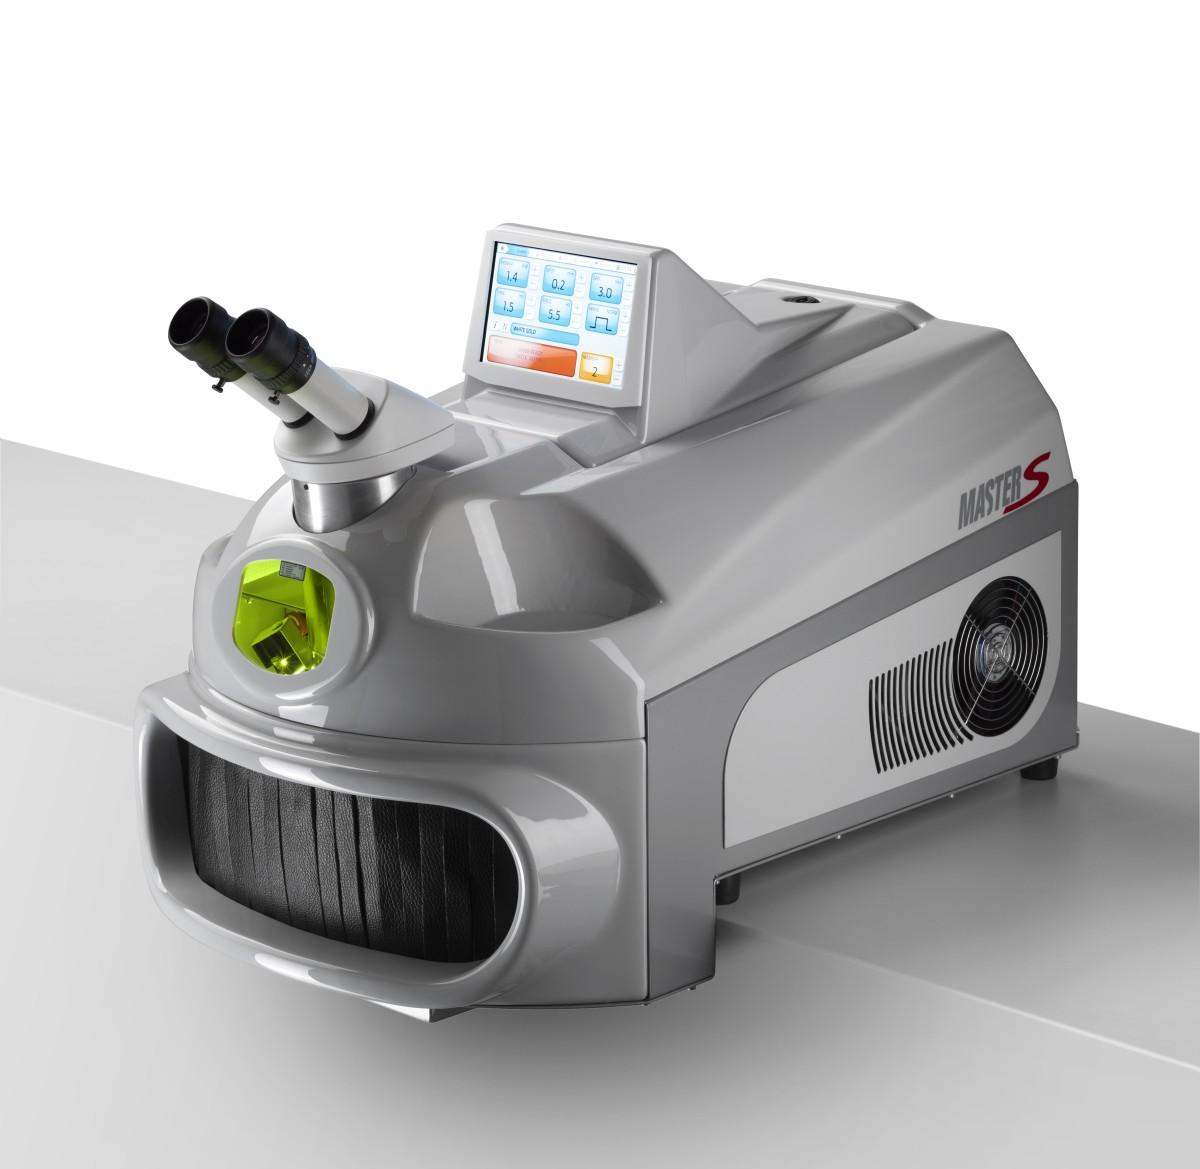 Kompakt-Schweißlaser Master S 100 mit Mikroskop